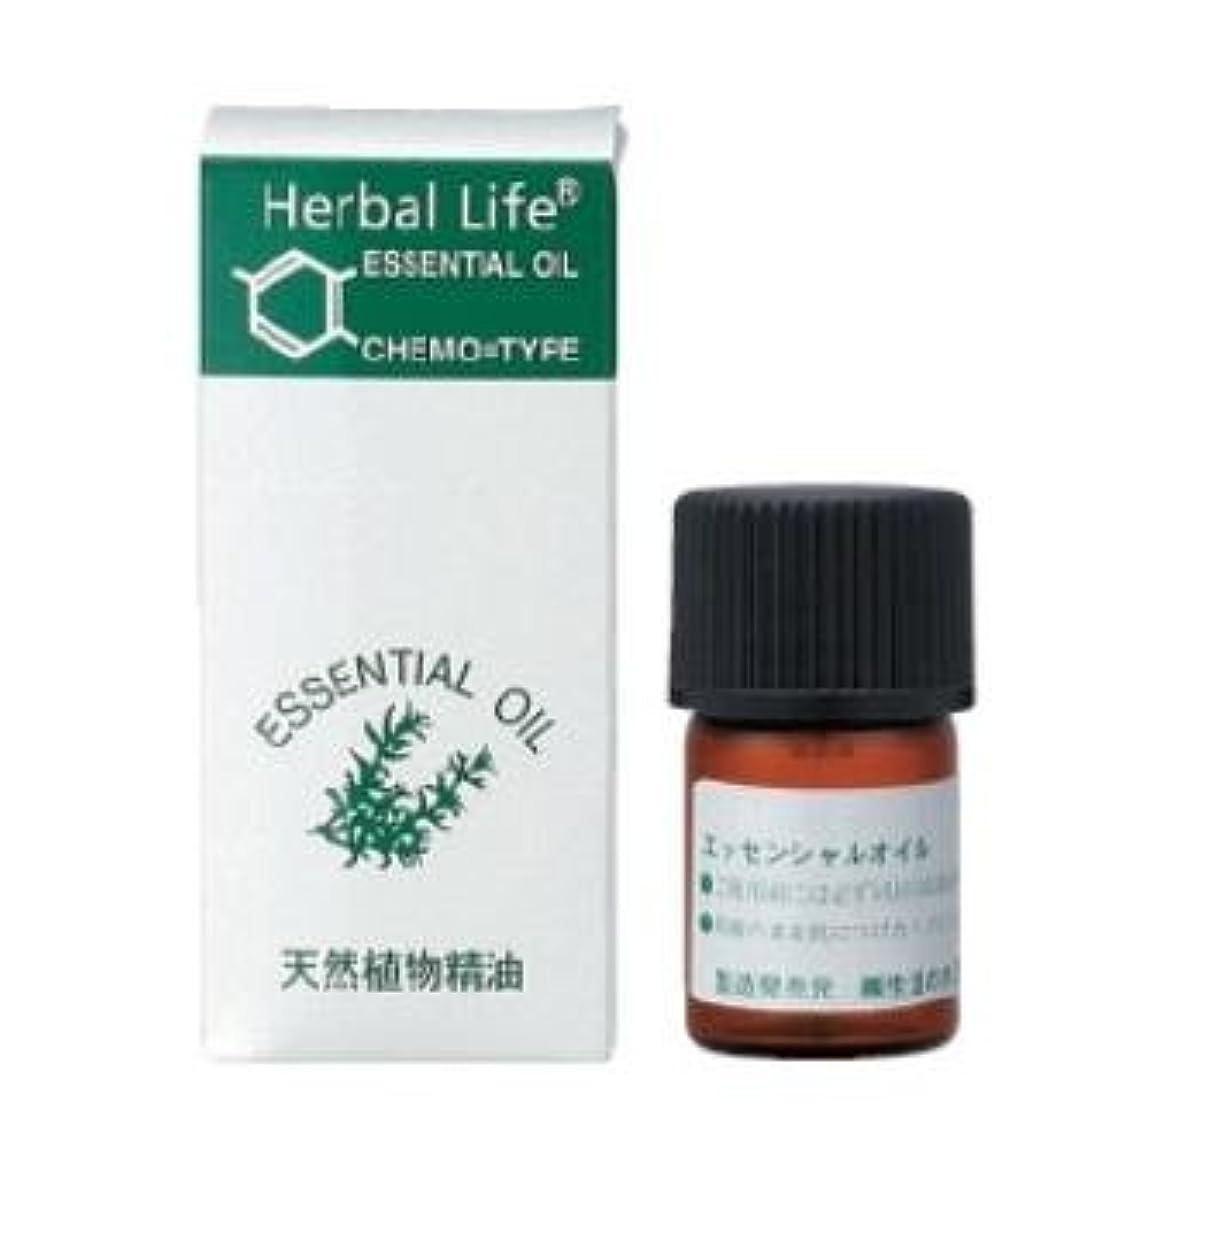 アルプスハリウッドポテト生活の木 エッセンシャルオイル パルマローザ 精油 3ml アロマオイル アロマ